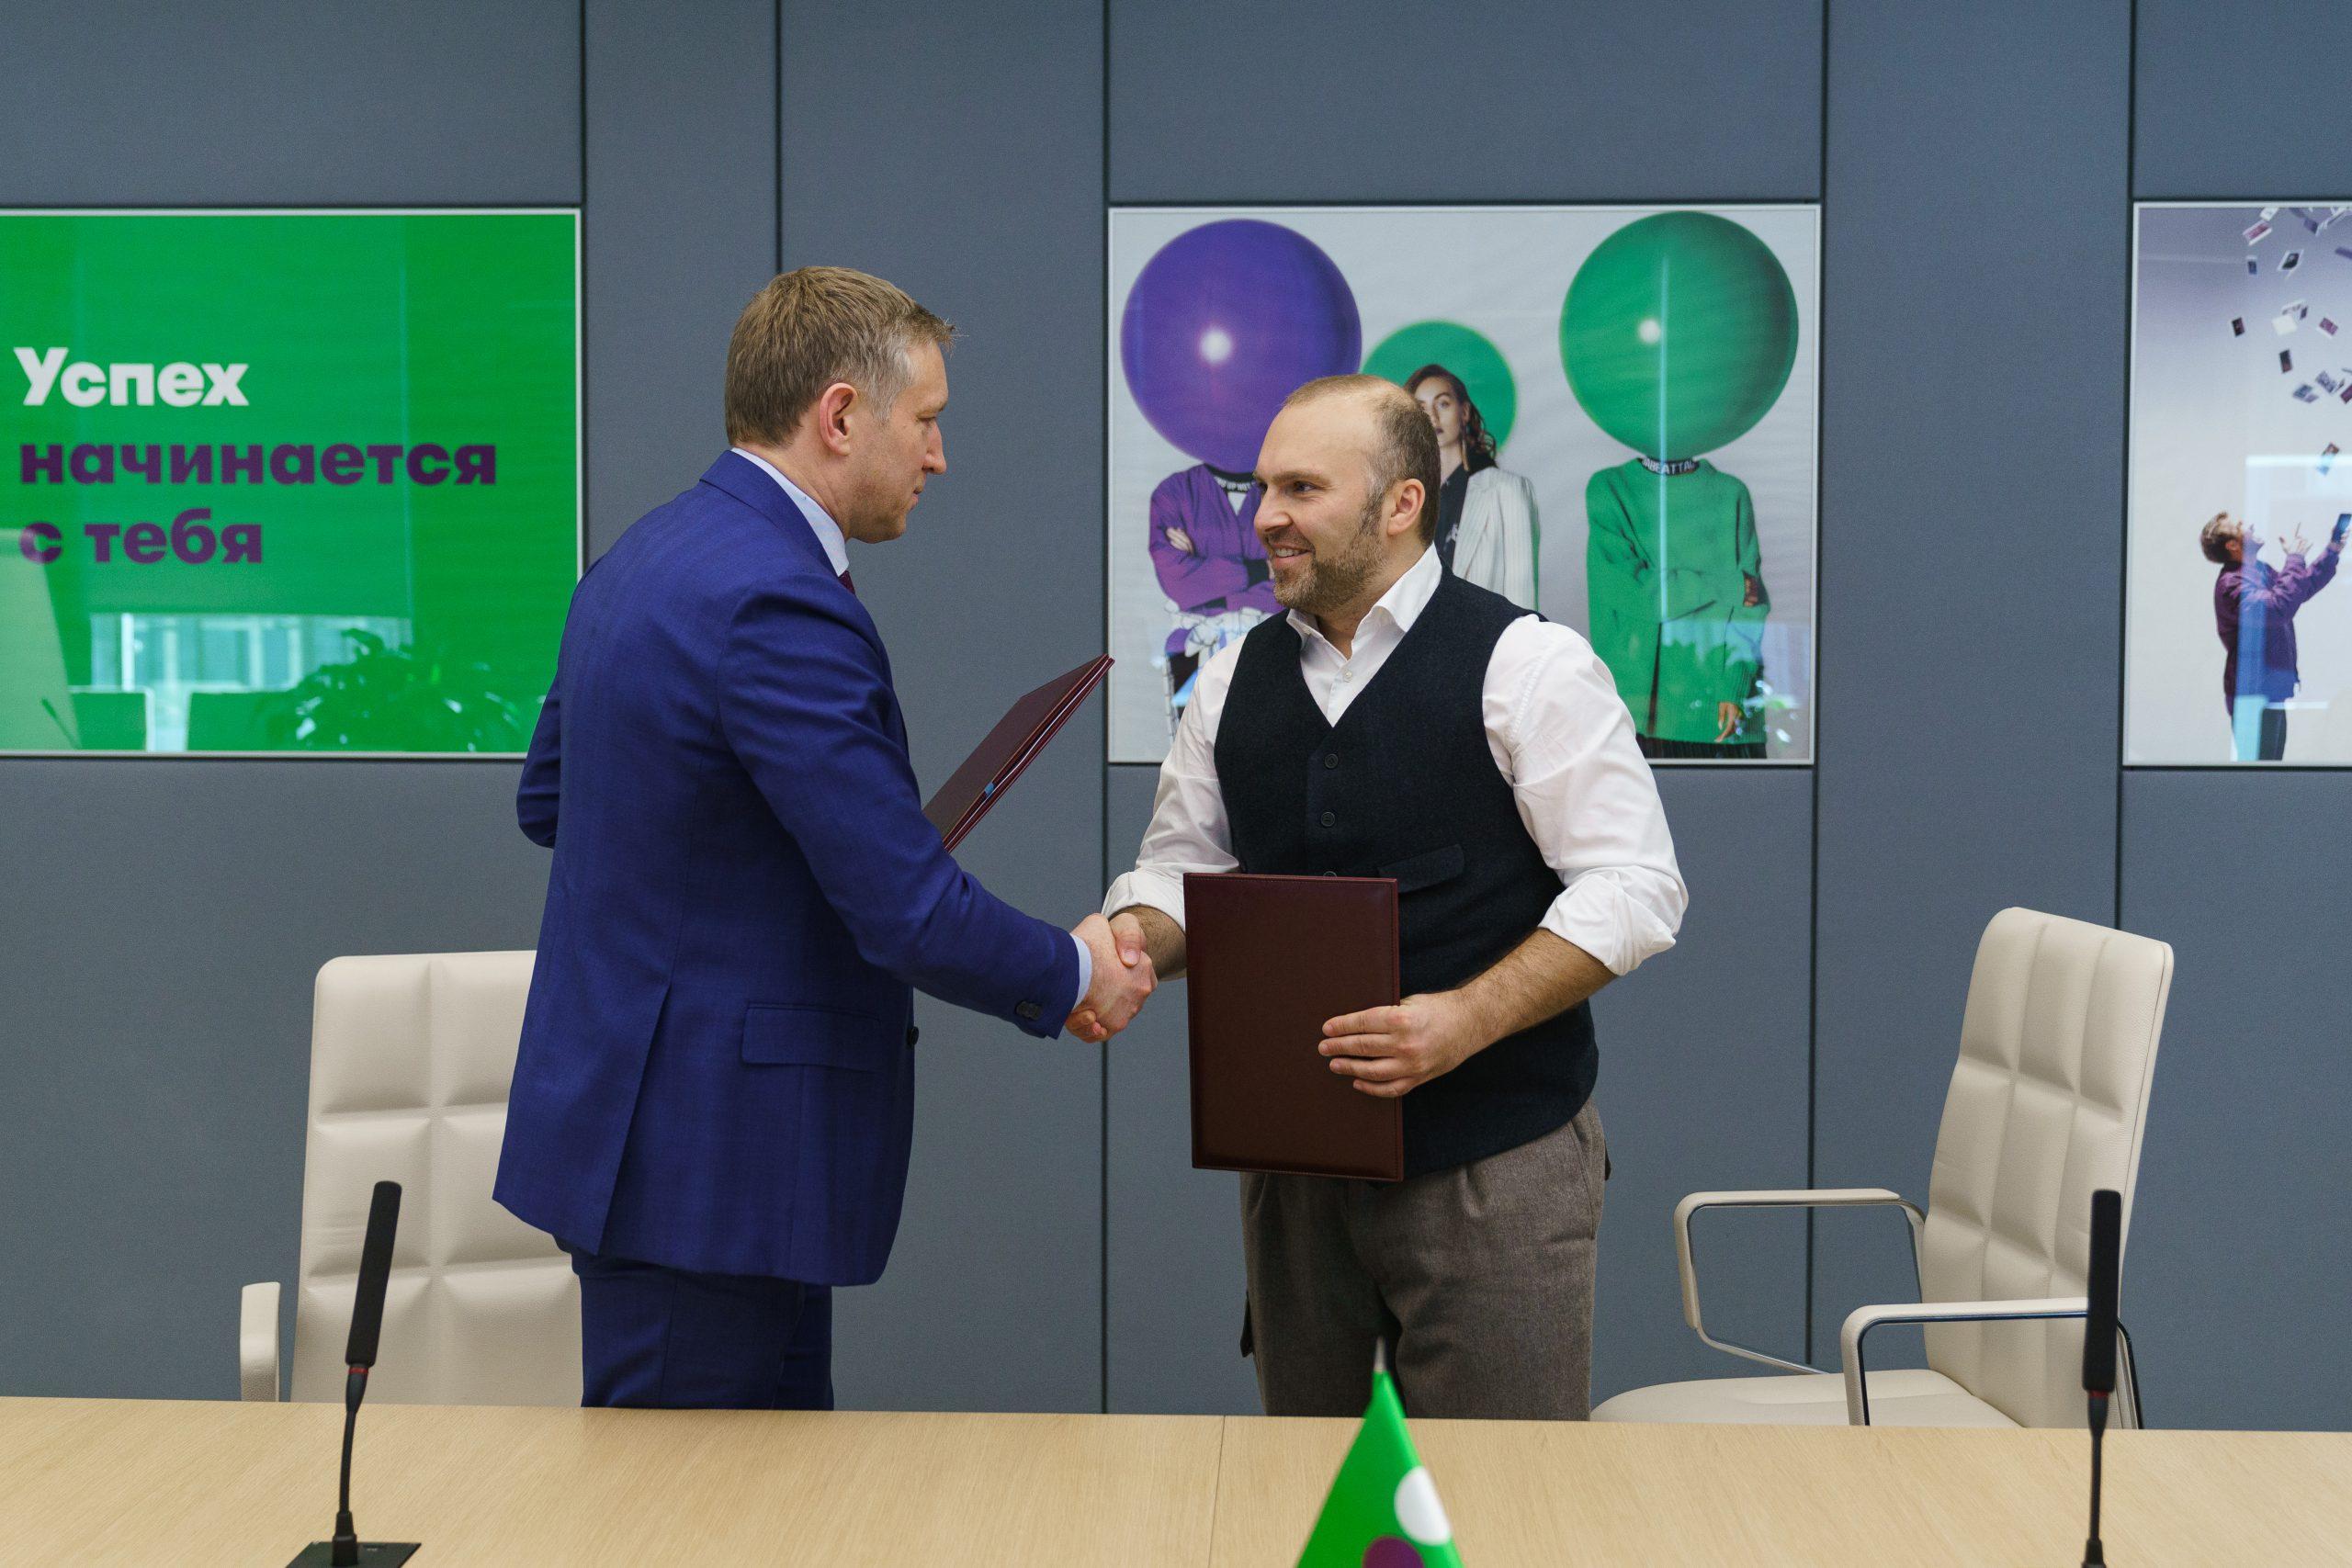 МегаФон предложил Ненецкому автономному округу ArcticConnect как альтернативу спутниковой связи 1